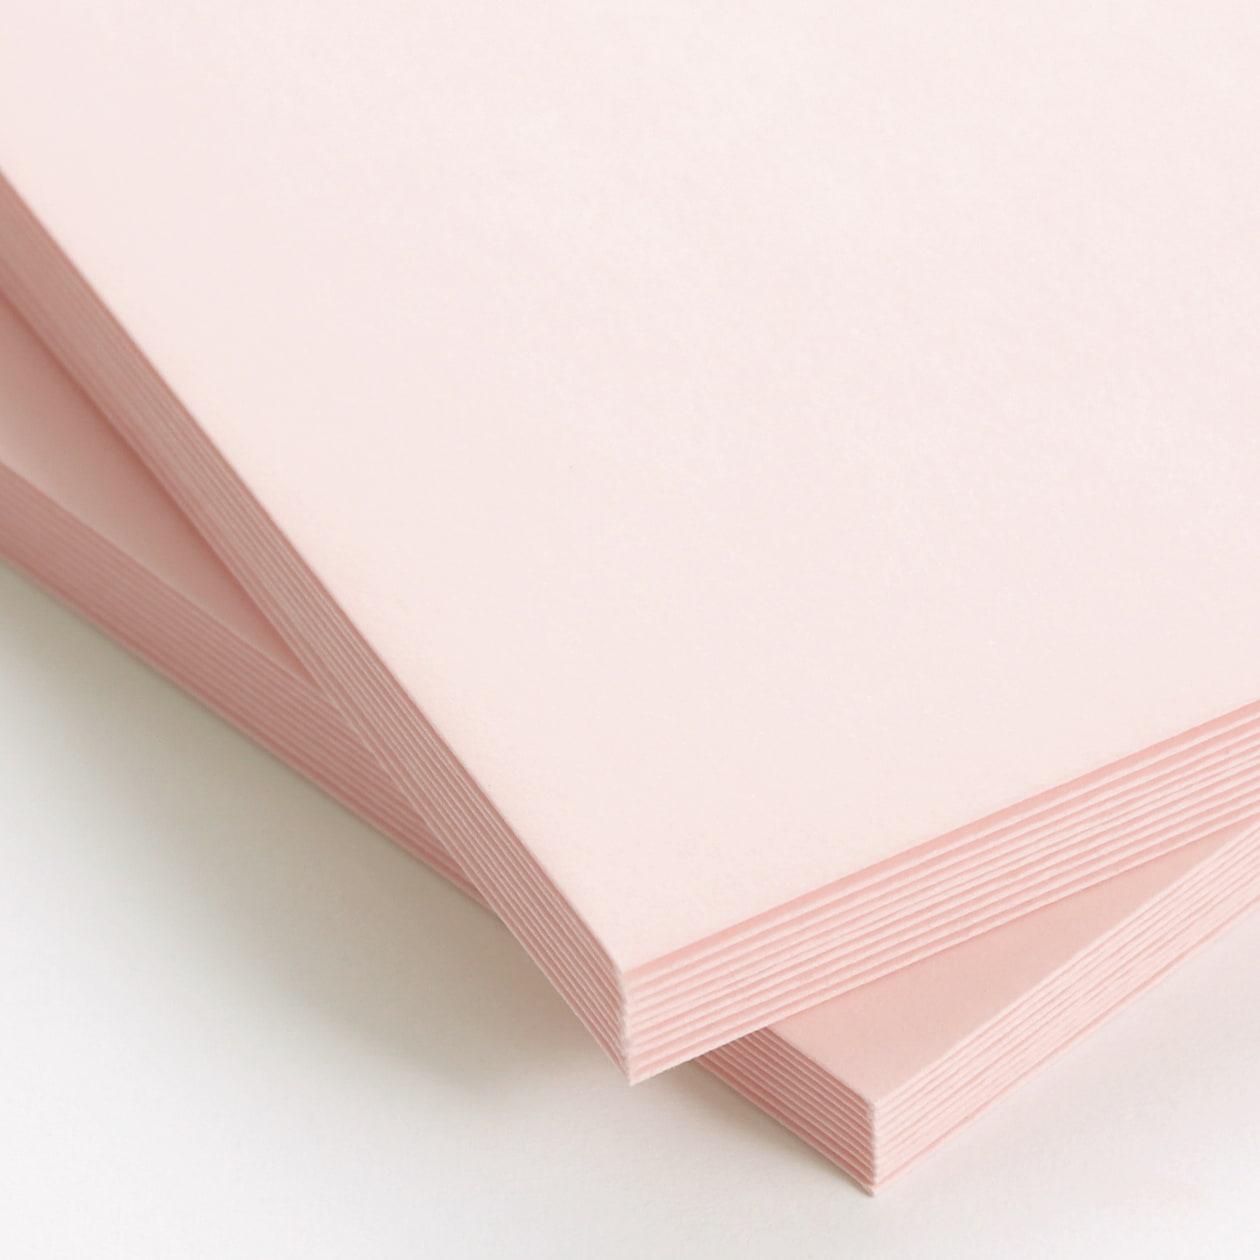 洋2カマス封筒 エコフレンドリーカラー さくらピンク 100g